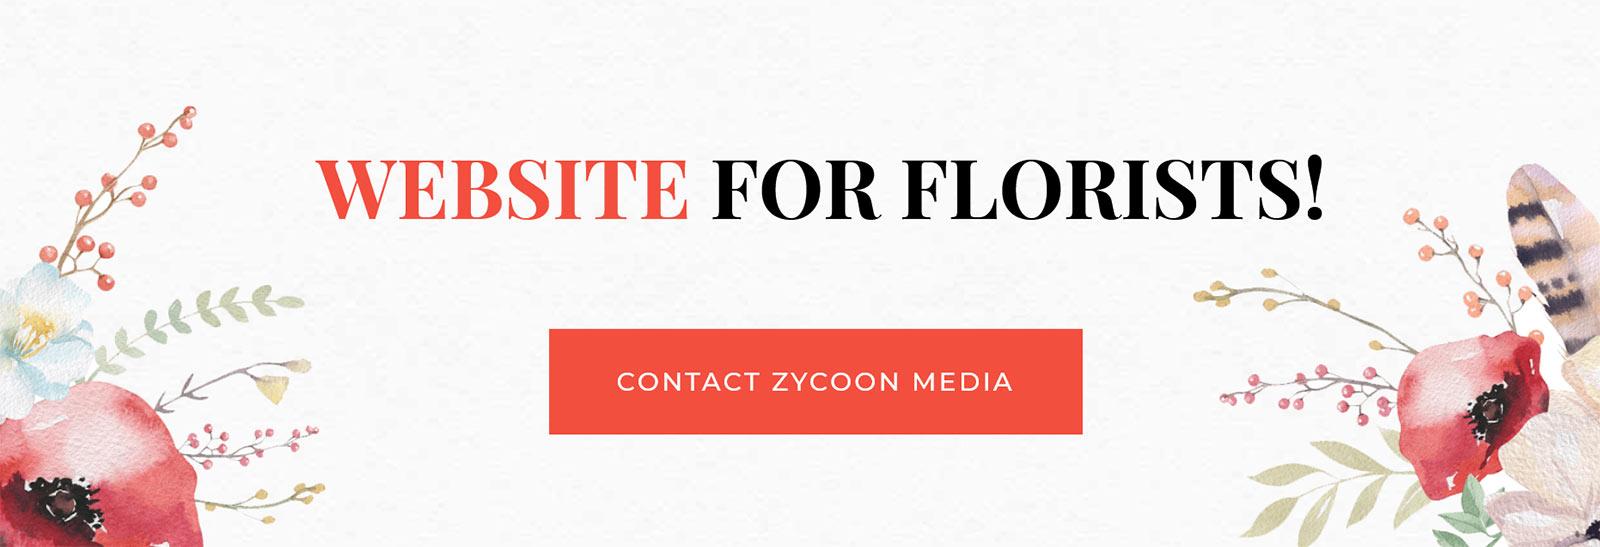 Florist Shop Website Design Seo